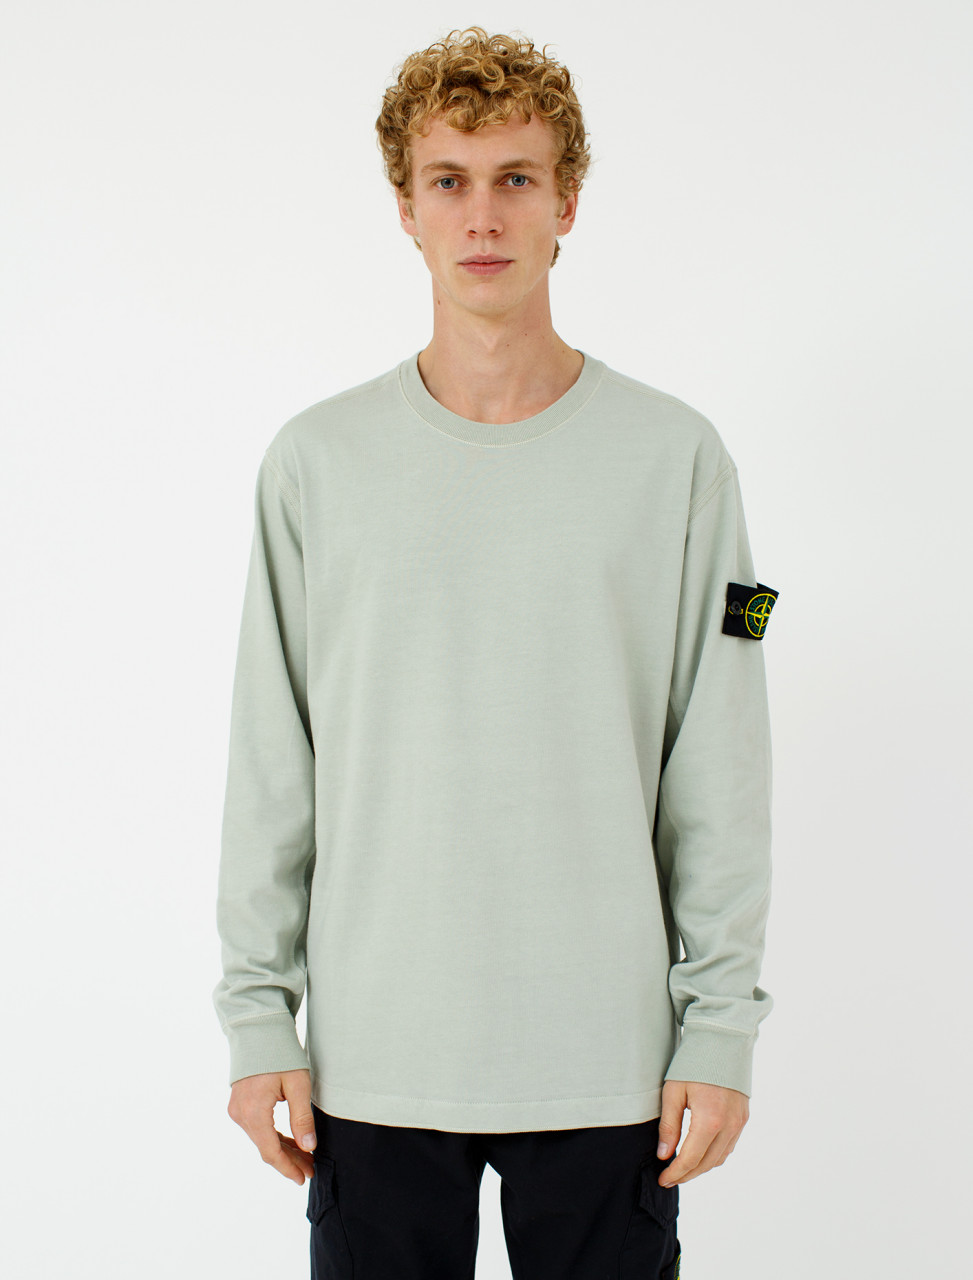 Sweatshirt in Dust